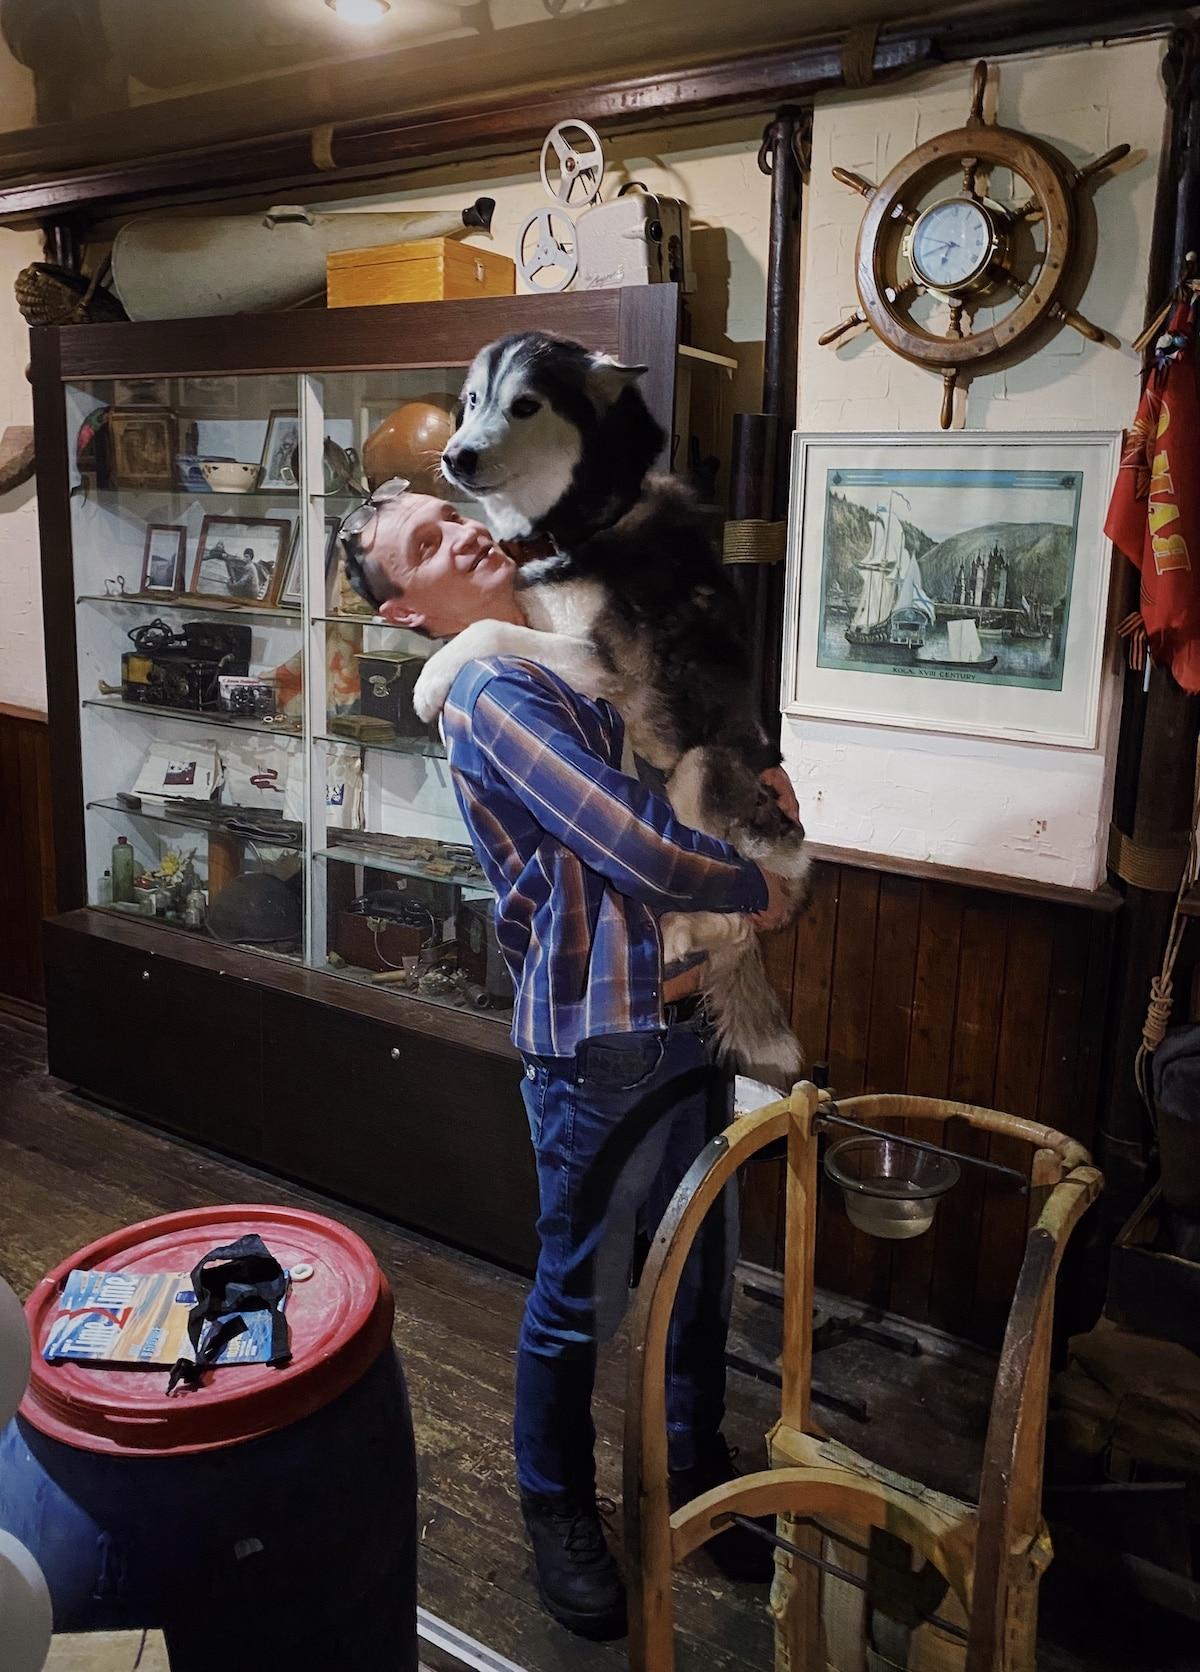 Man Holding Husky in Murmansk Russia